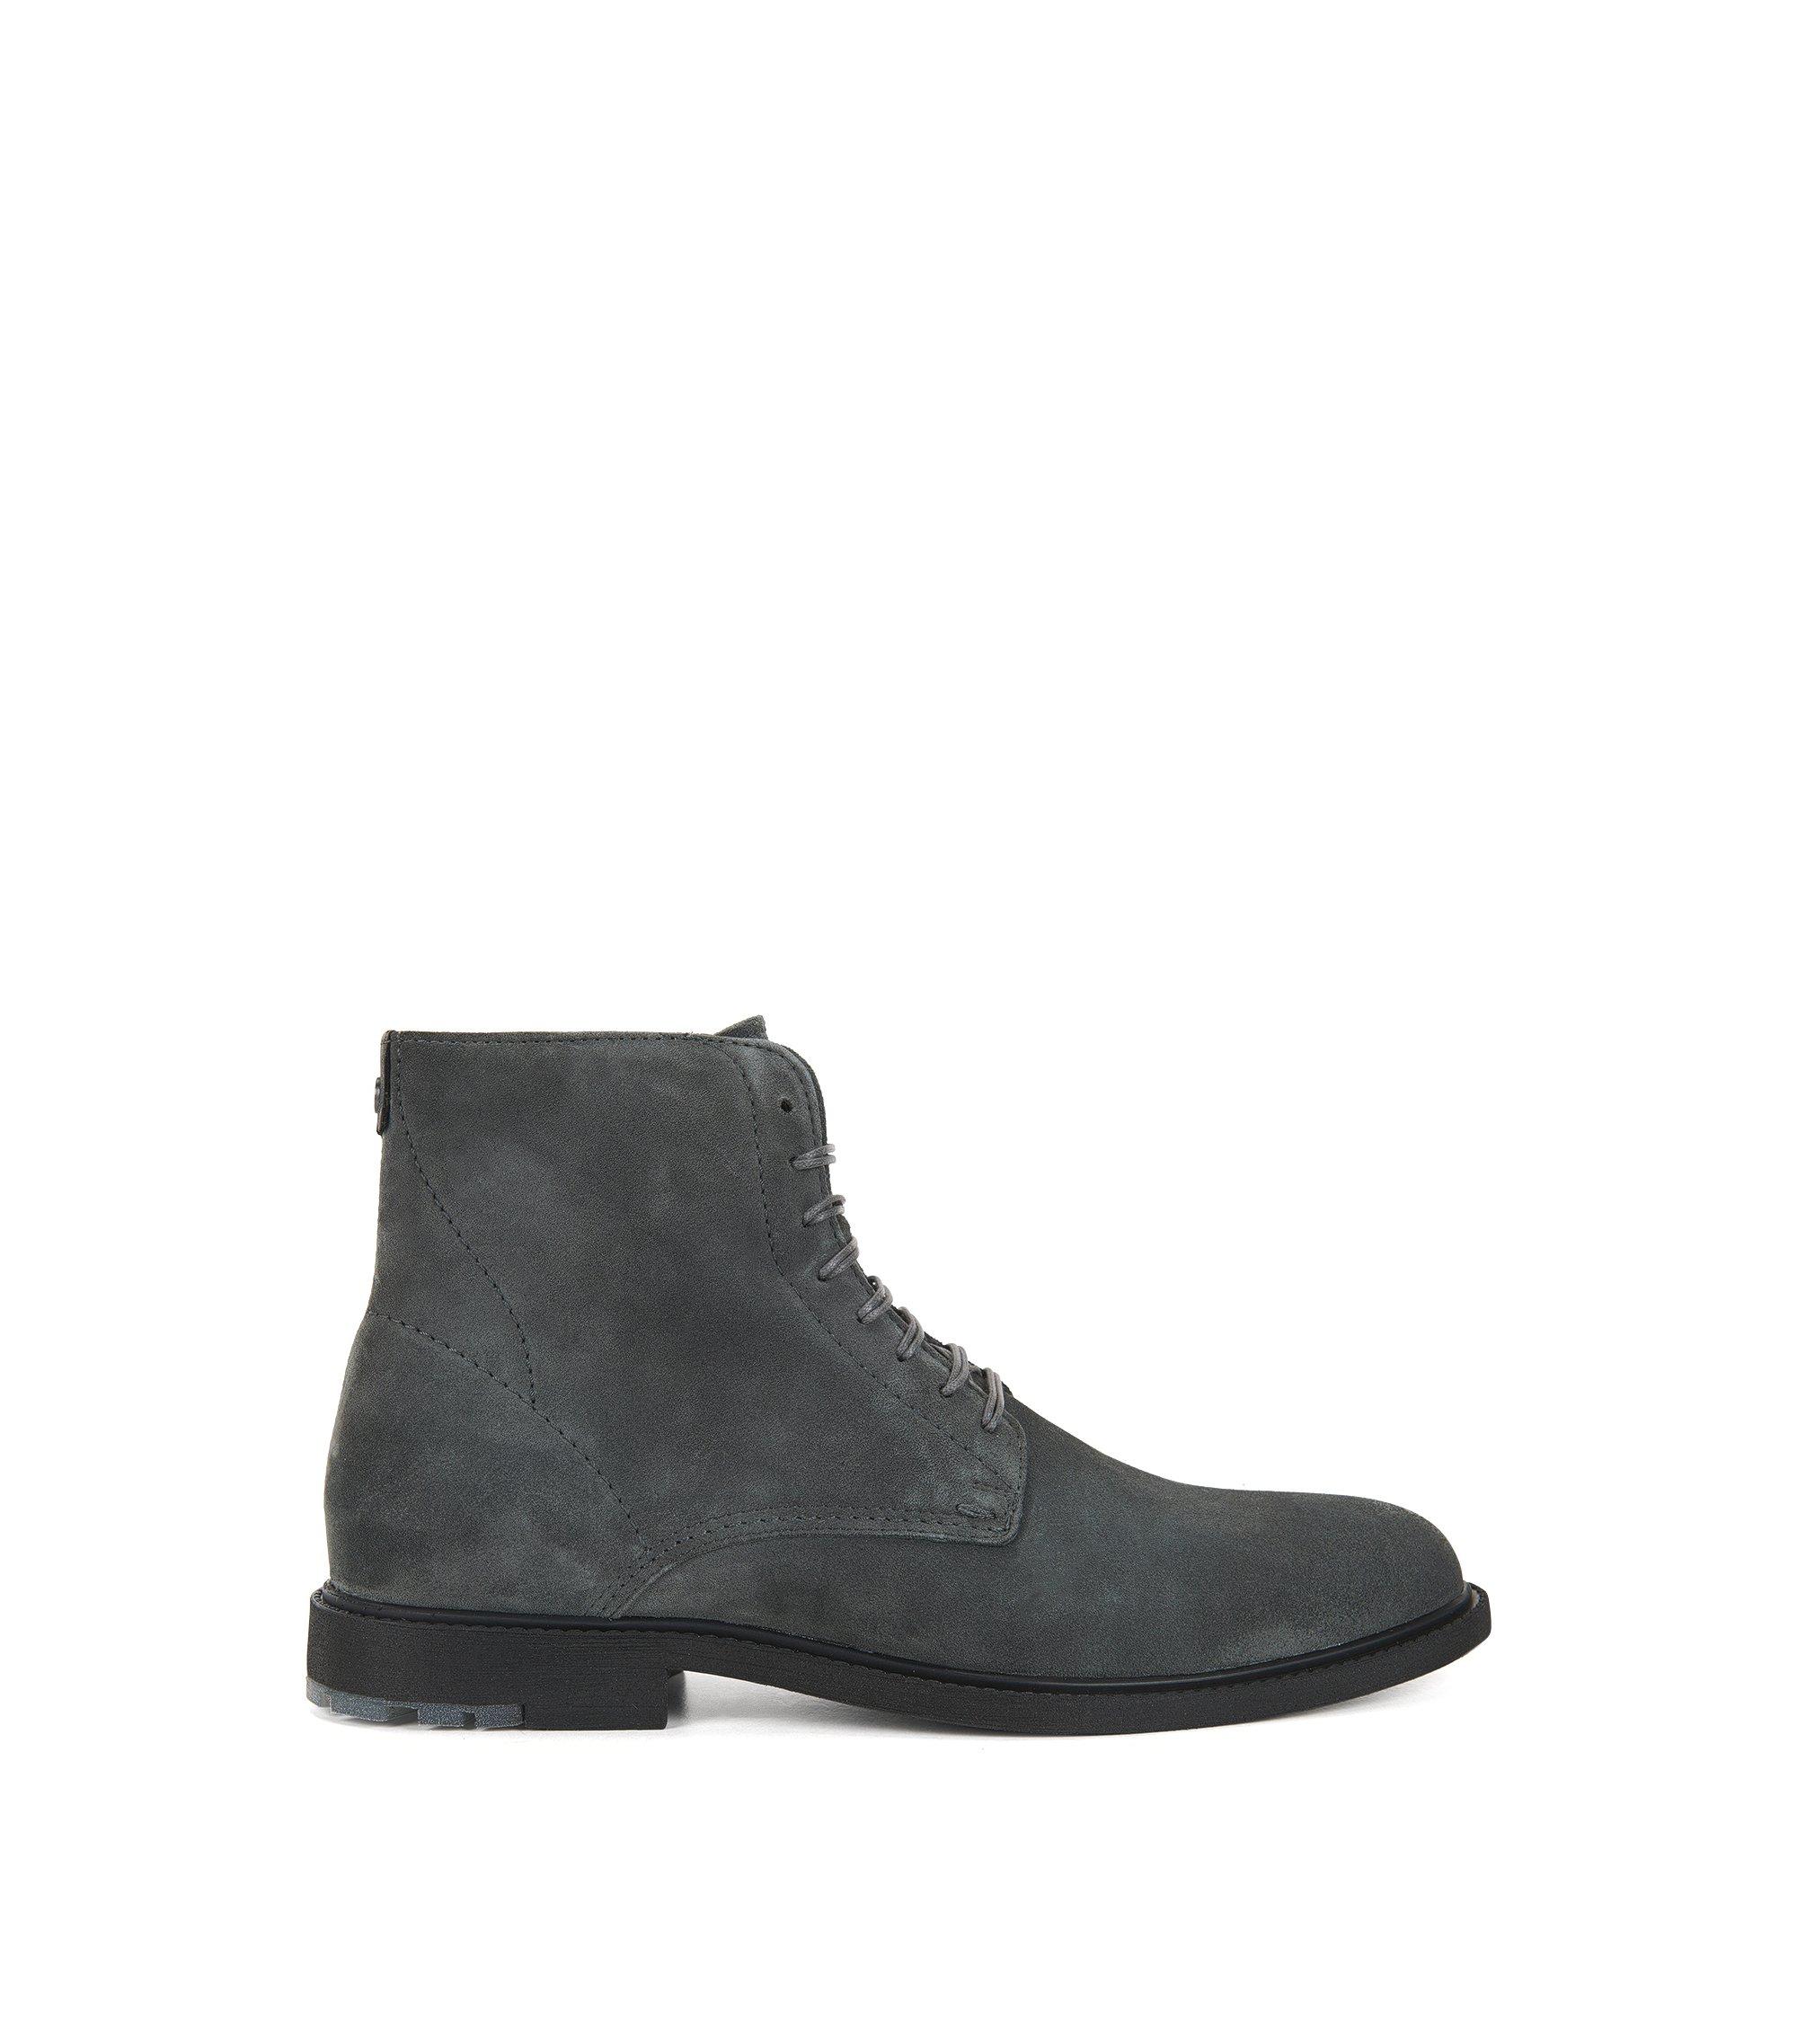 Boots à lacets en daim lavé, Gris sombre